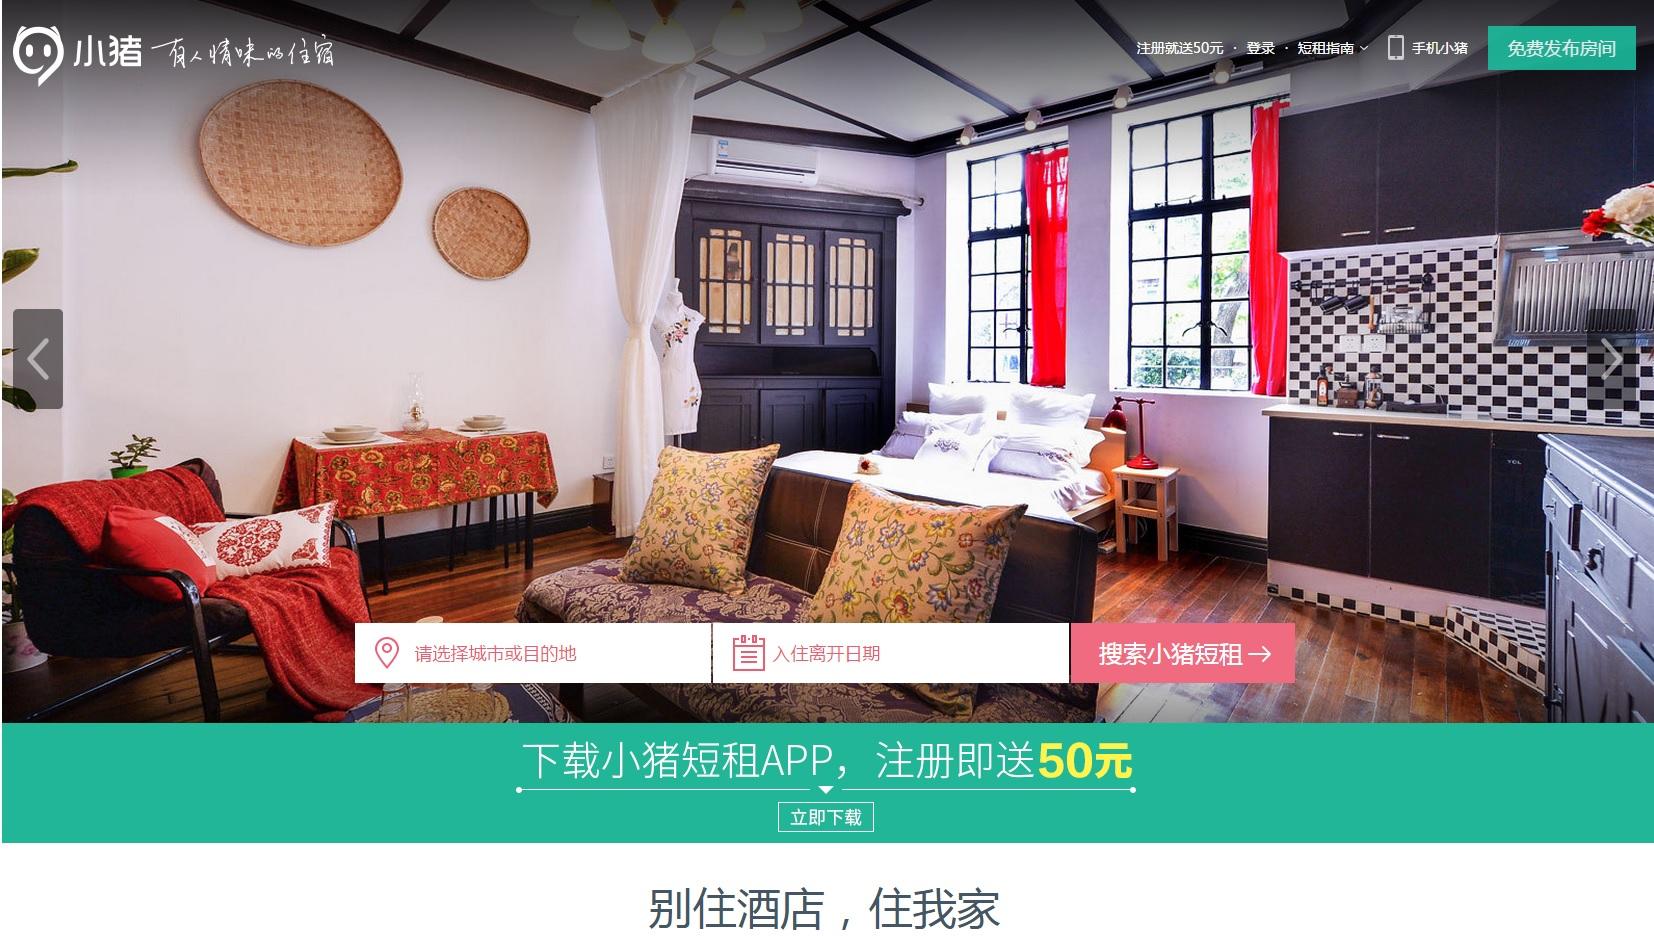 Airbnb china clone